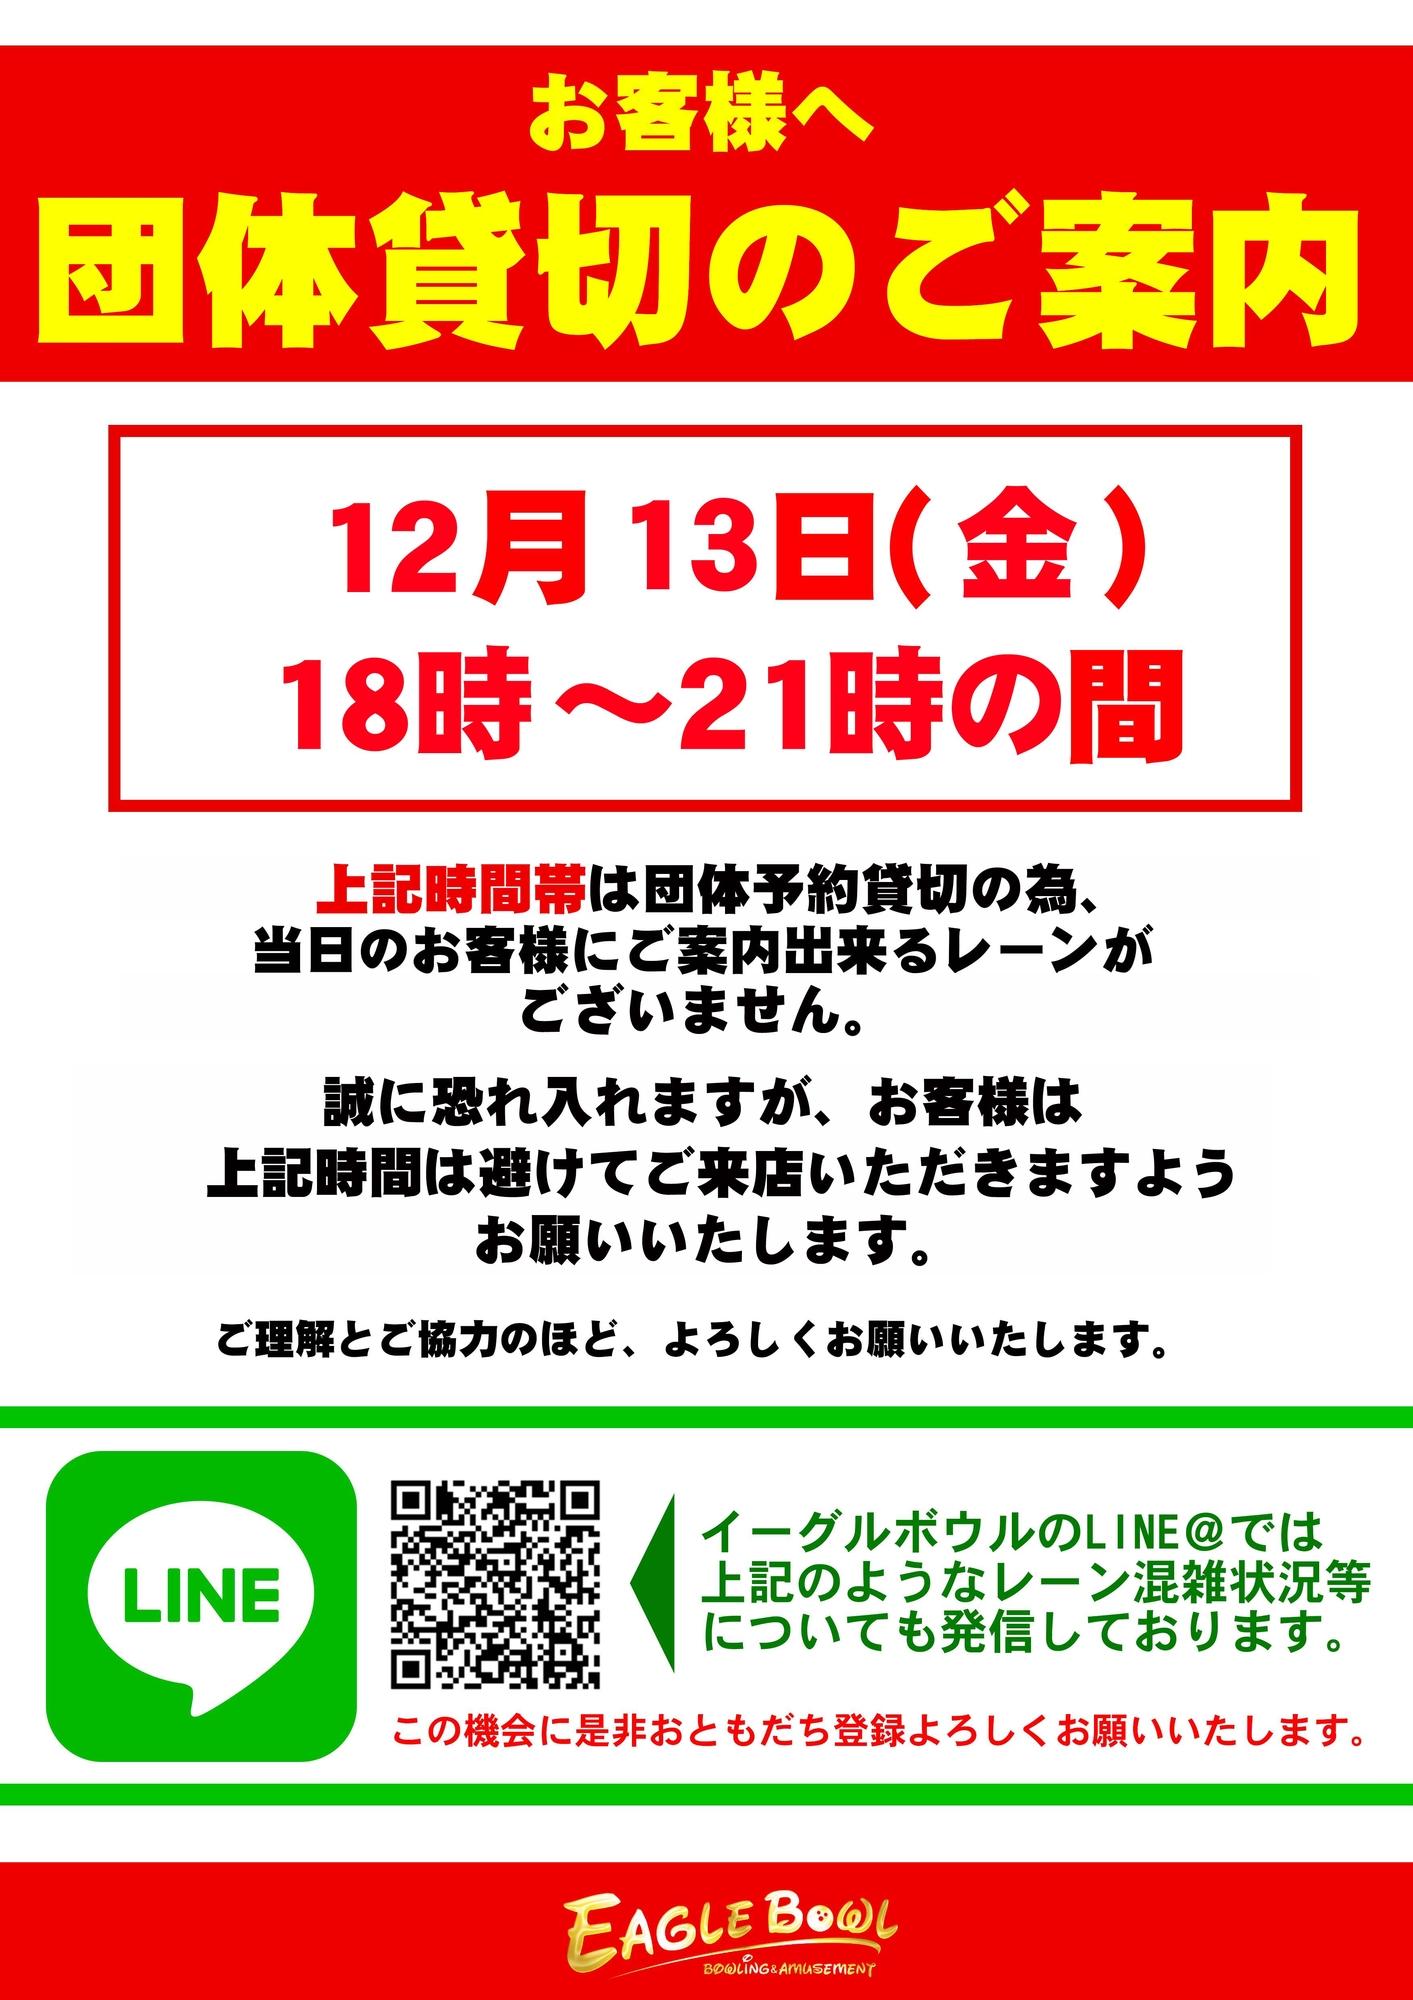 12/13 団体貸切ご予約のご案内